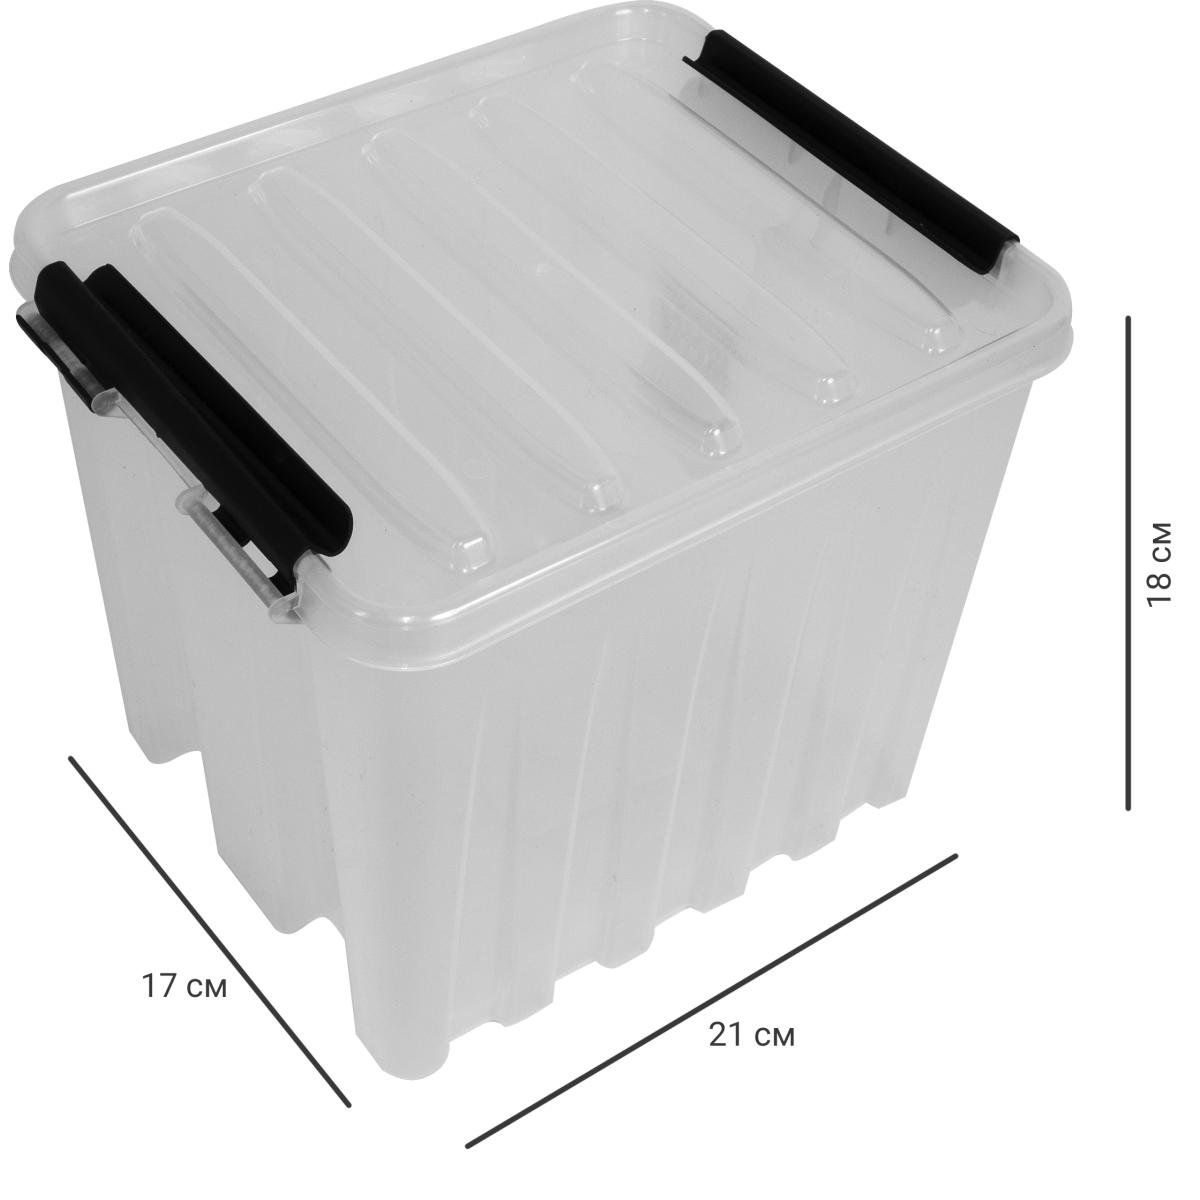 Контейнер Rox Box 21х17x18 см 4.5 л пластик цвет прозрачный  с крышкой